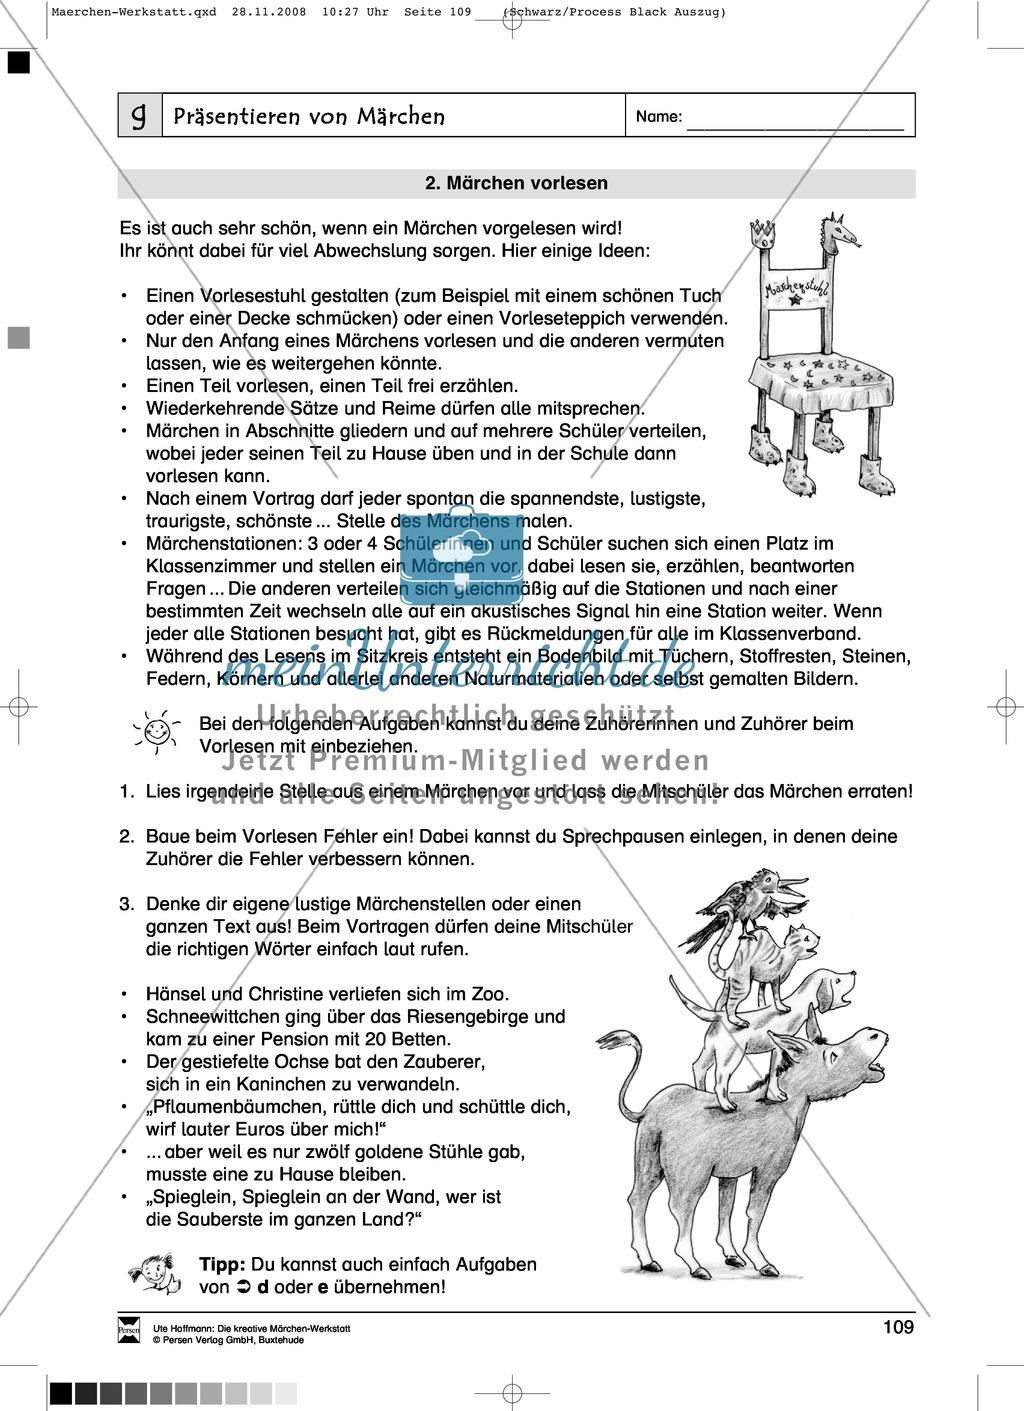 Präsentieren von Märchen: Ziele und Anregungen, Arbeitsblätter ...